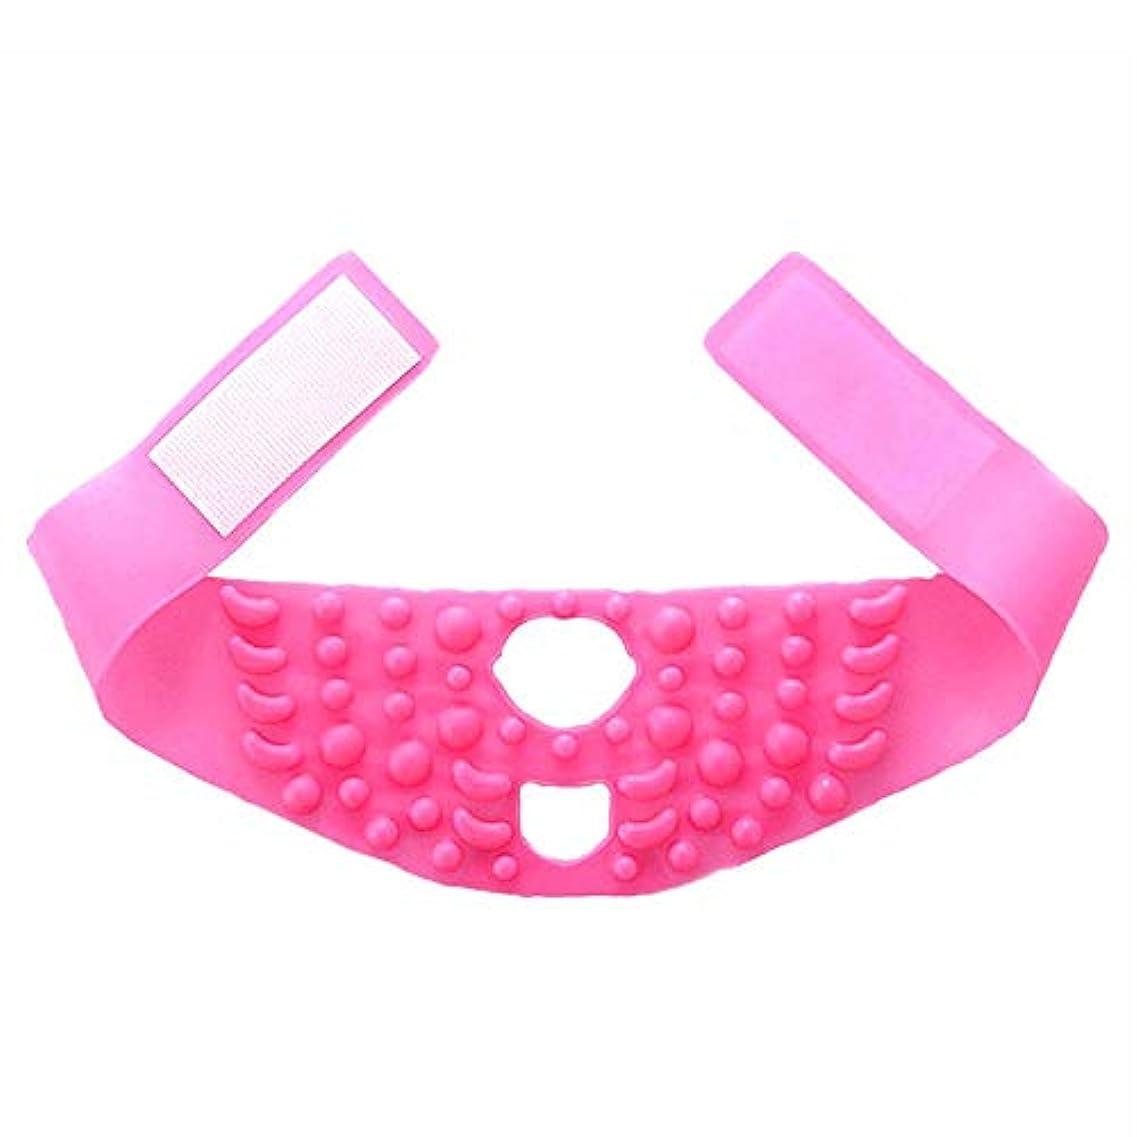 首謀者慈悲深いカビJia Jia- シンフェイスマスクシリコーンマッサージ引き締まった形の小さなVフェイスリフティングに薄いフェイスアーティファクト包帯を飾る - ピンク 顔面包帯